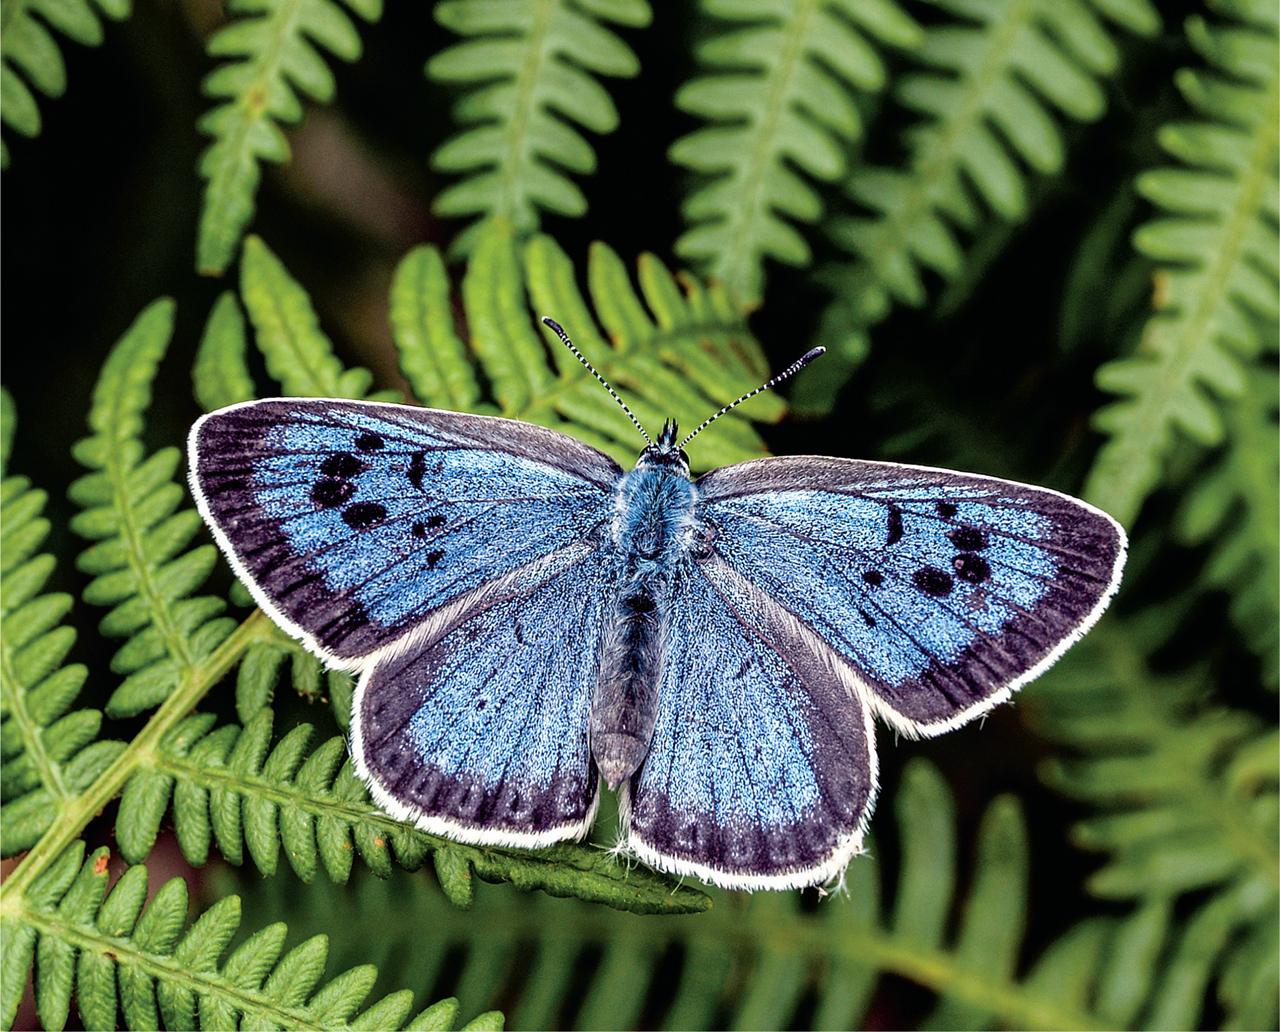 Hình ảnh cánh bướm xanh tuyệt đẹp